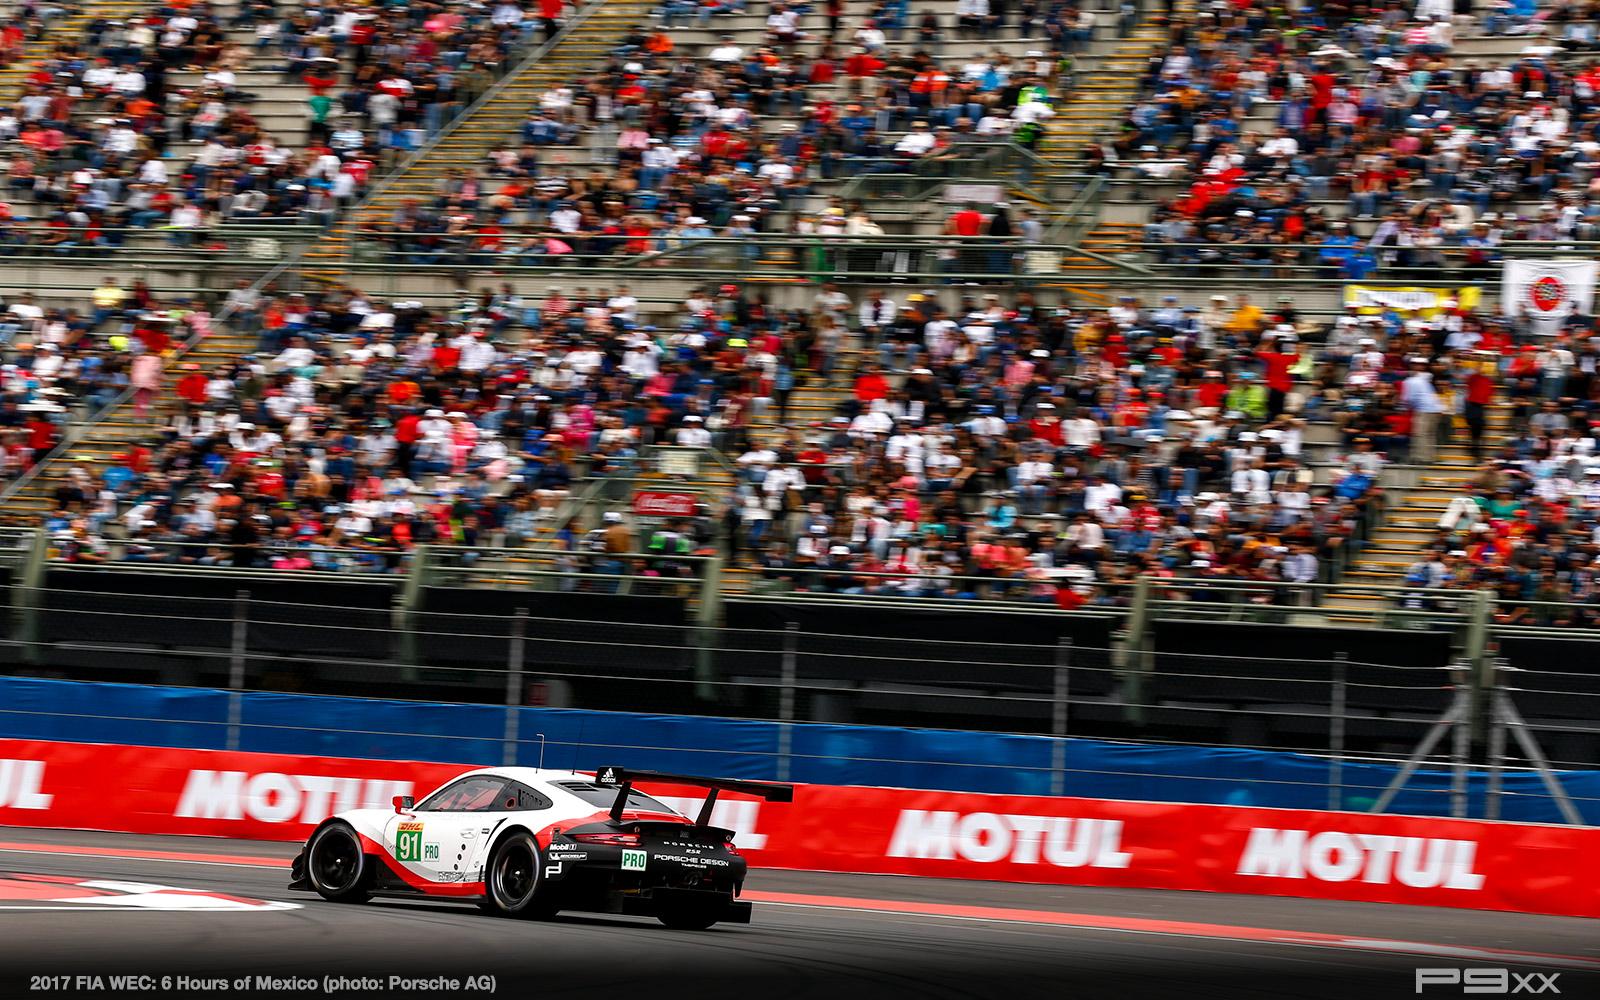 2017-FIA-WEC-6-HOURS-MEXICO-PORSCHE-1375